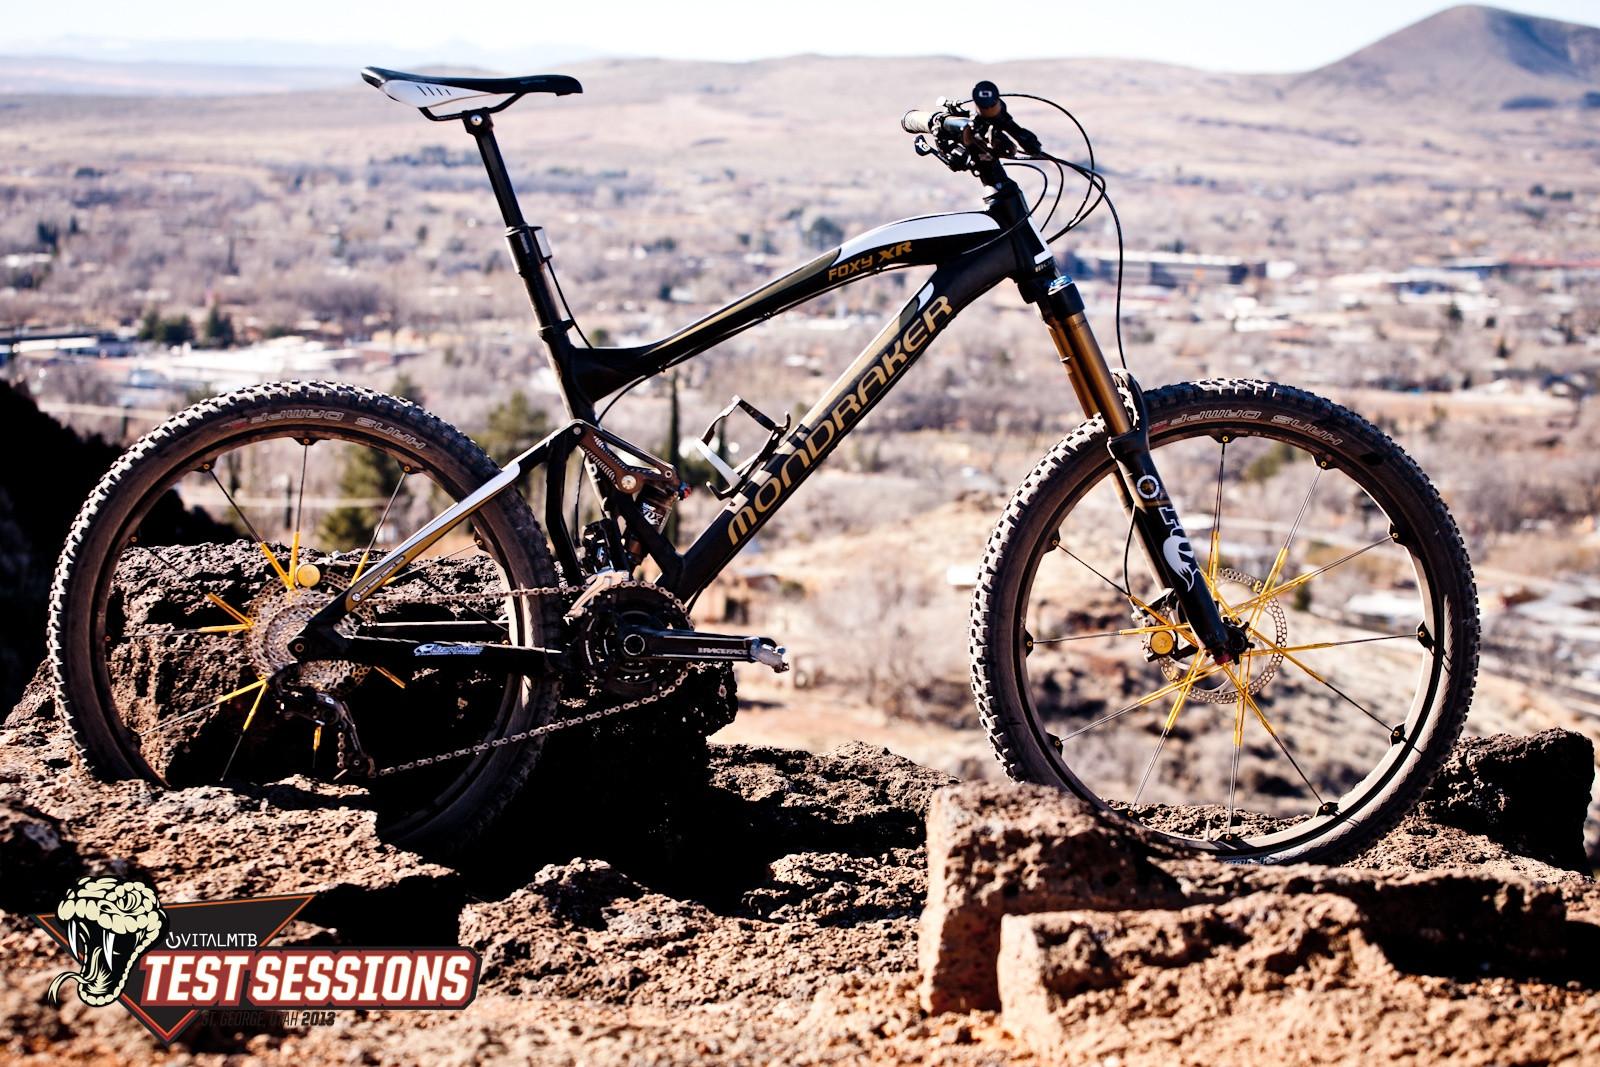 2013 Mondraker Foxy XR from Vital MTB Test Sessions - 2013 Mondraker Foxy XR from Vital MTB Test Sessions - Mountain Biking Pictures - Vital MTB